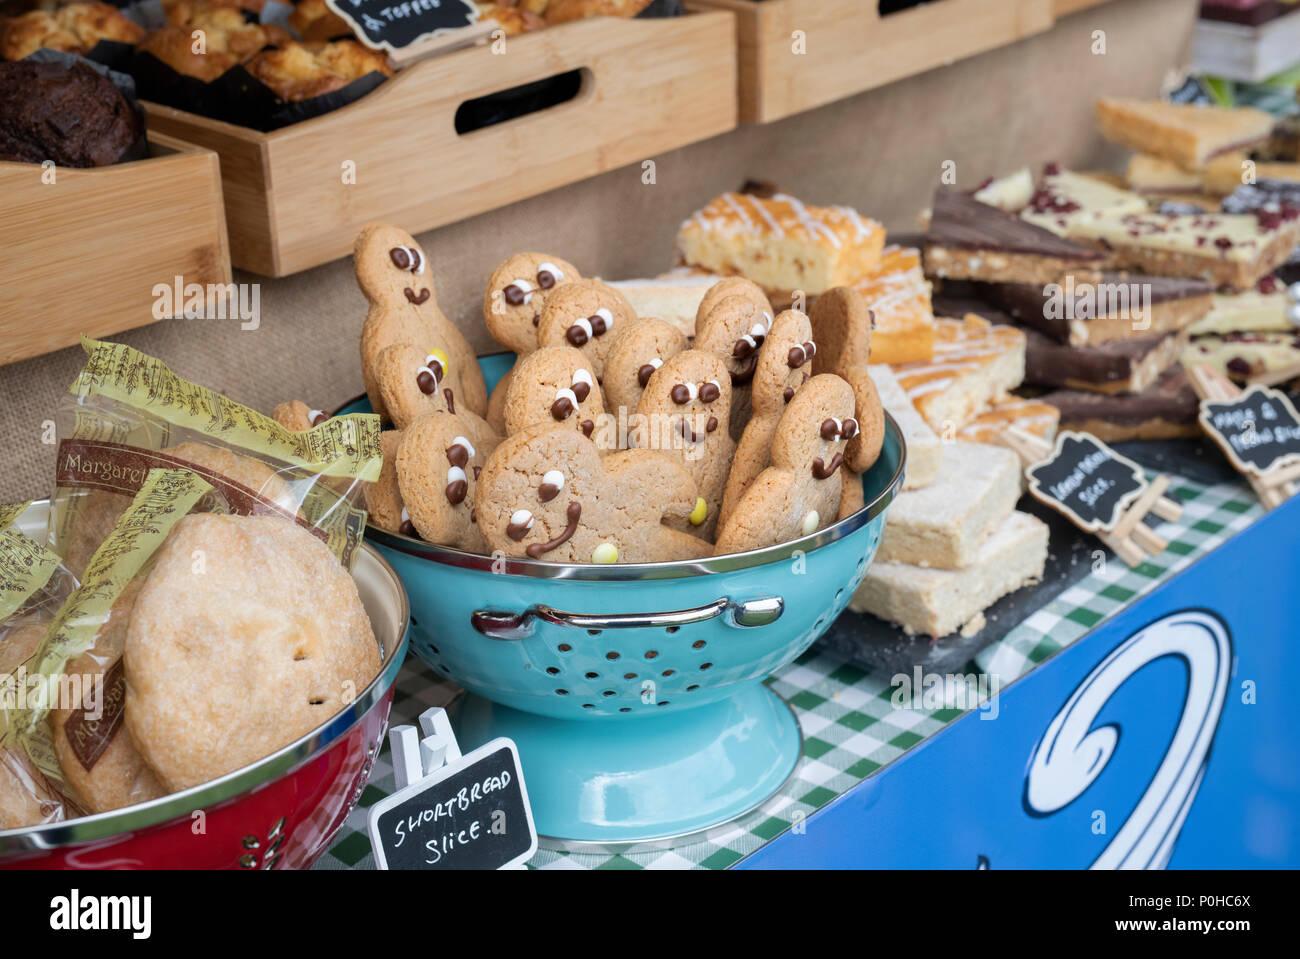 Gingerbread men en vente à un food festival. UK Photo Stock